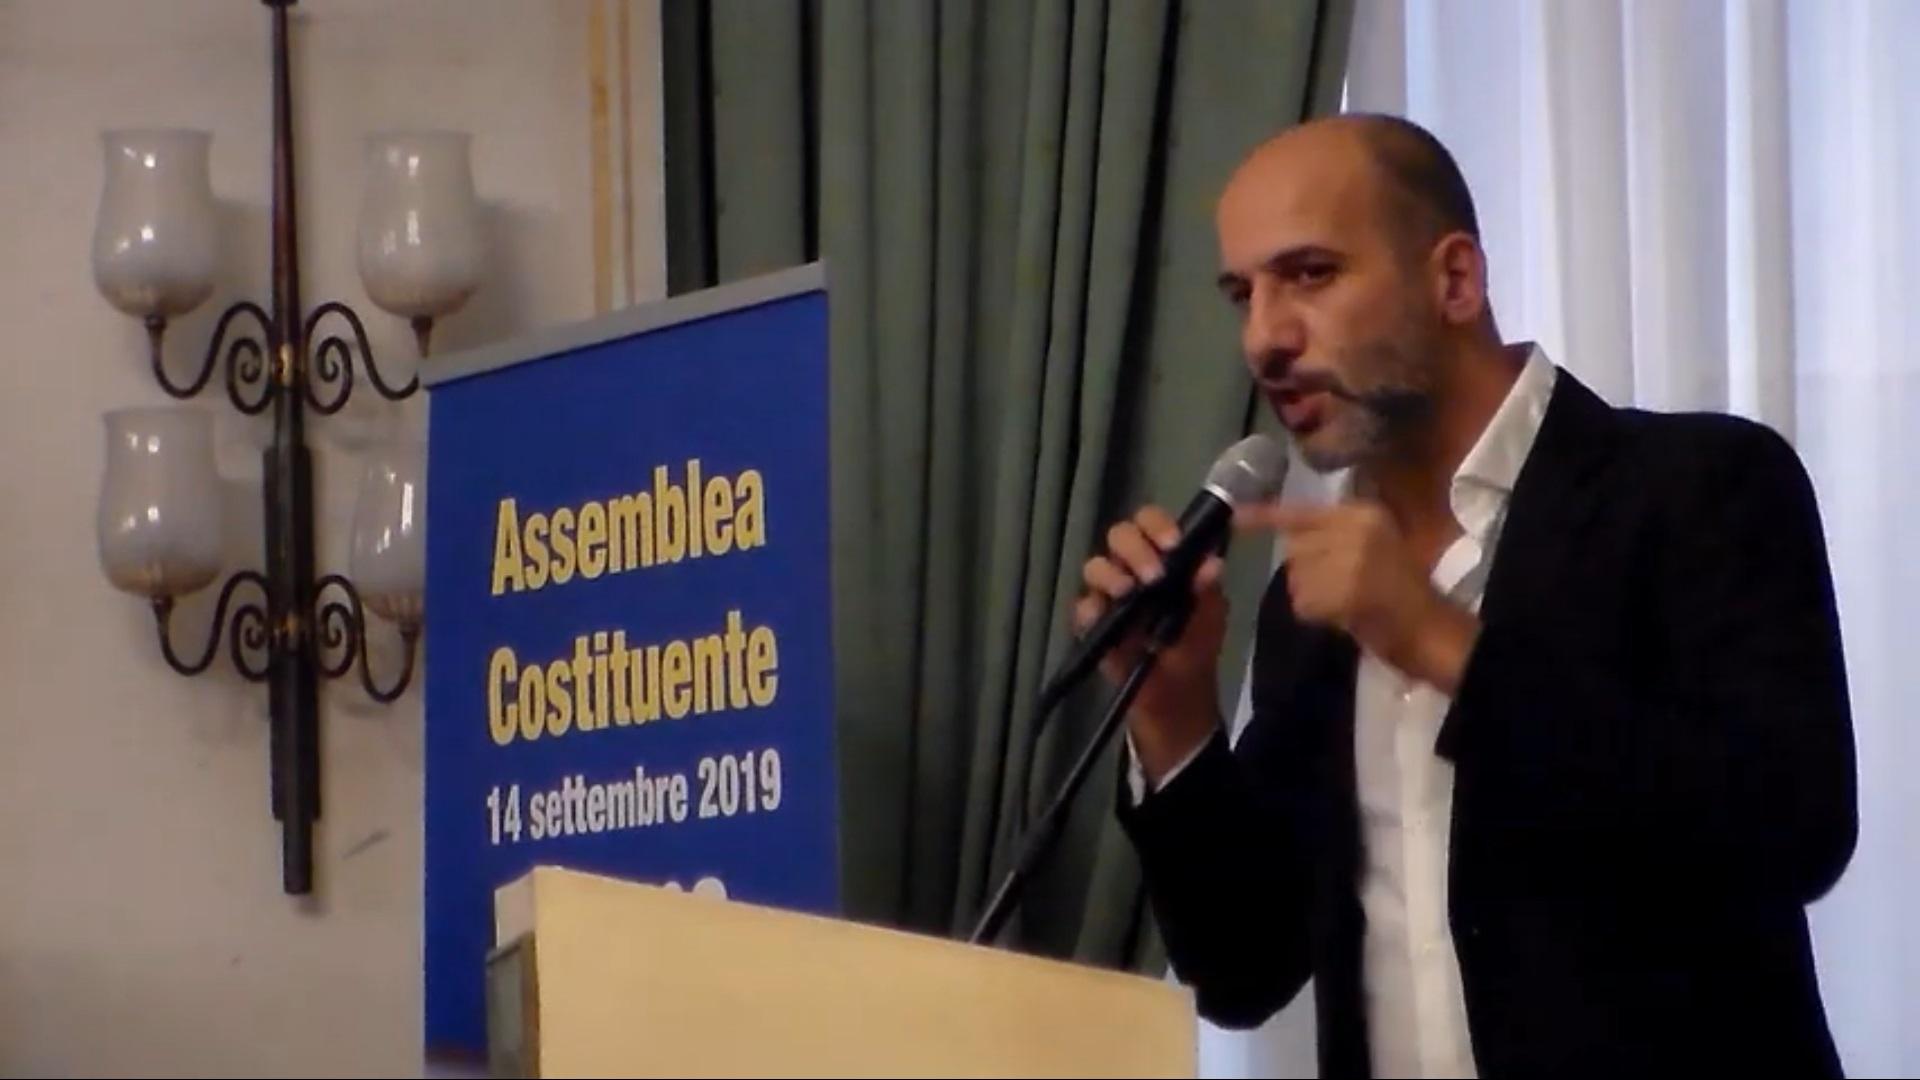 Intervista a Francesco Toscano, cofondatore di Vox Italia con Diego Fusaro